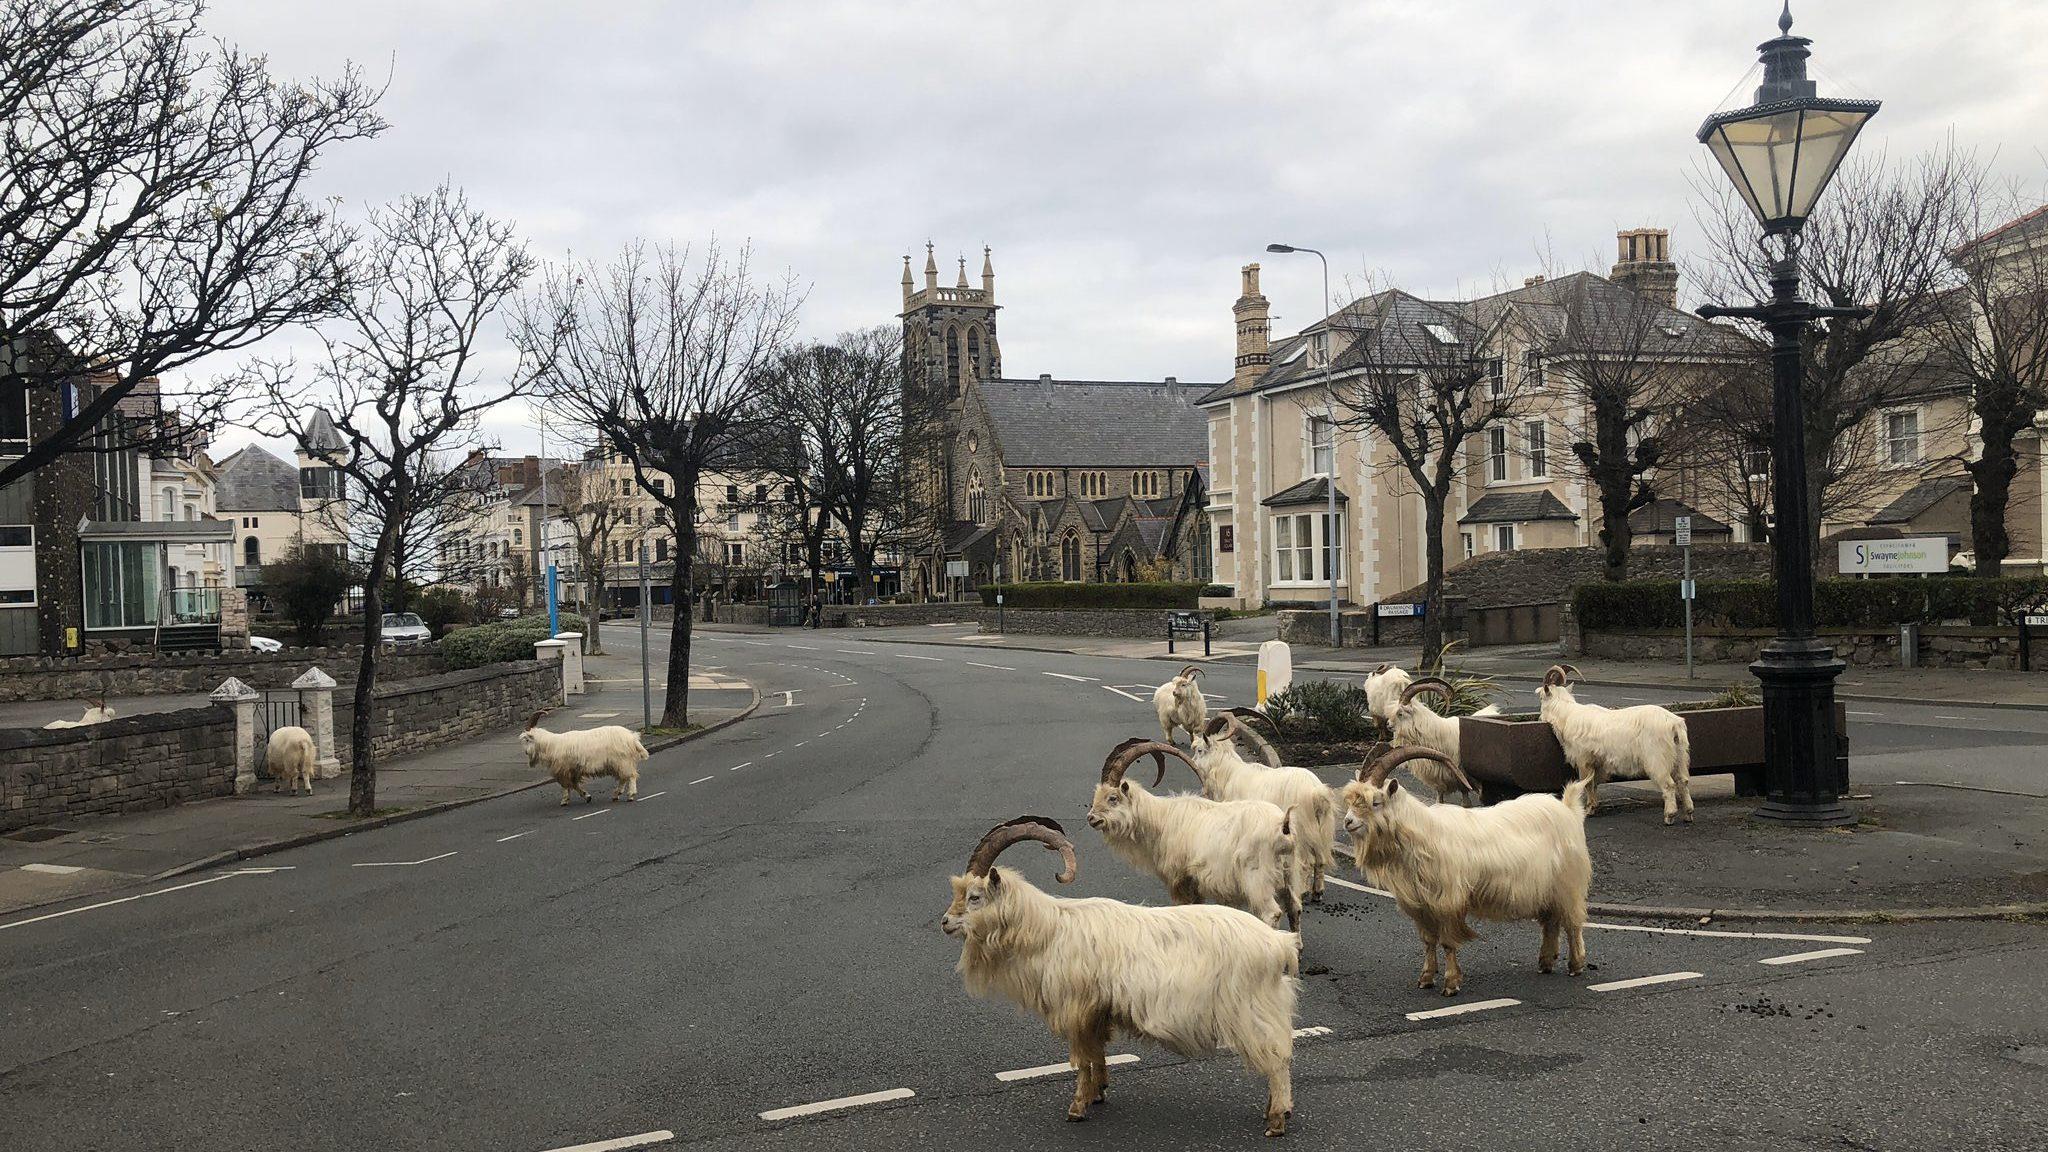 cabras-salen-a-pasear-por-gales-mientras-las-calles-estan-vacias